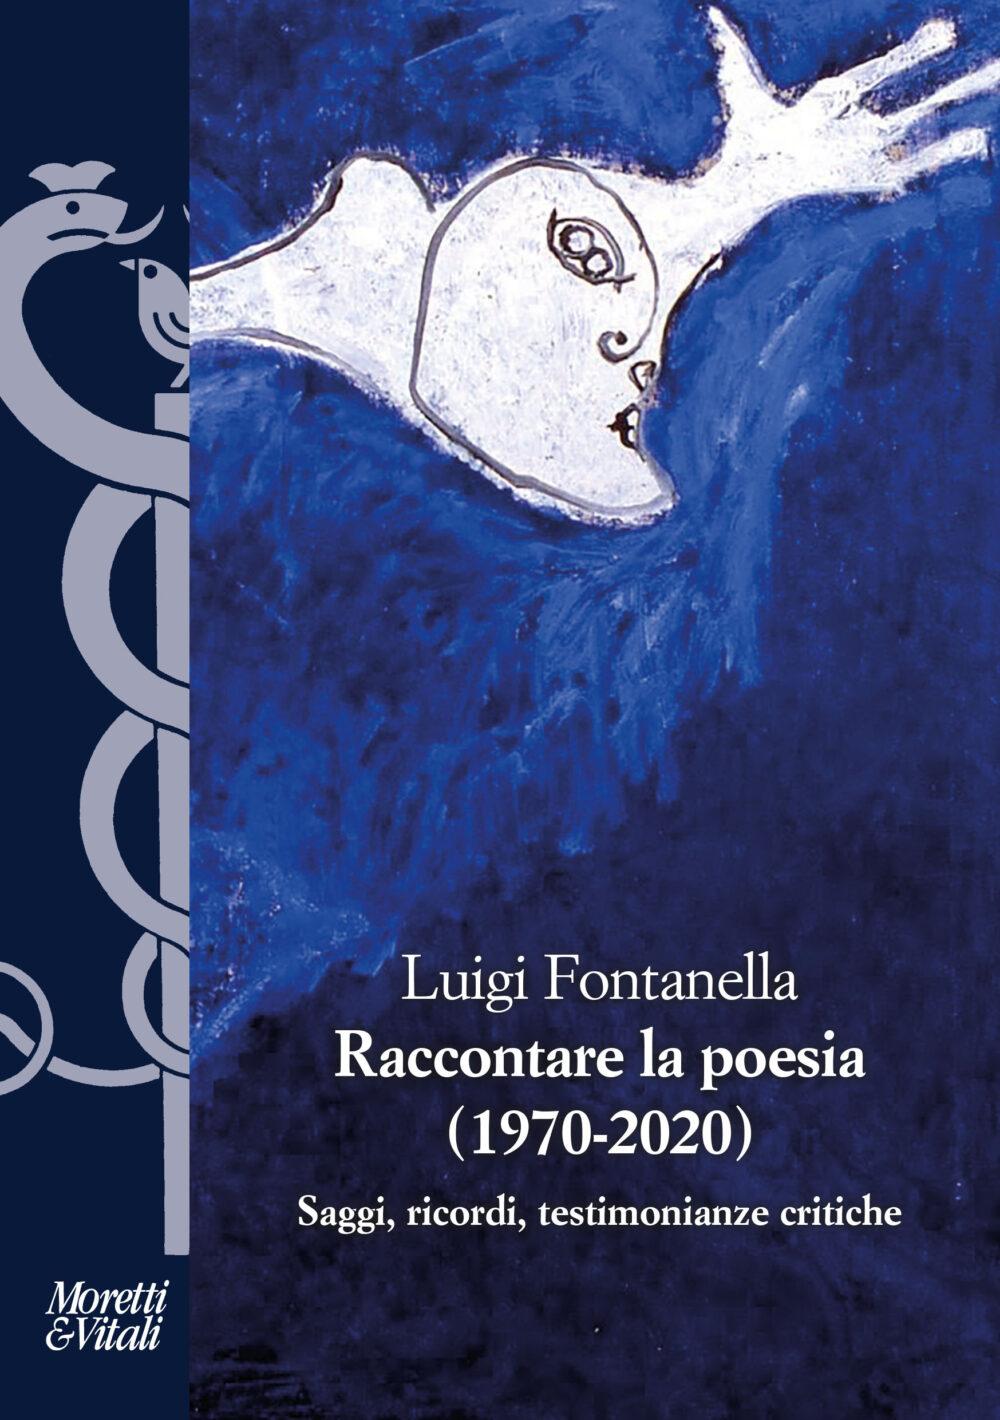 Luigi Fontanella, Raccontare la poesia (1970-2020), Moretti & Vitali, Milano 2021, euro 38,00